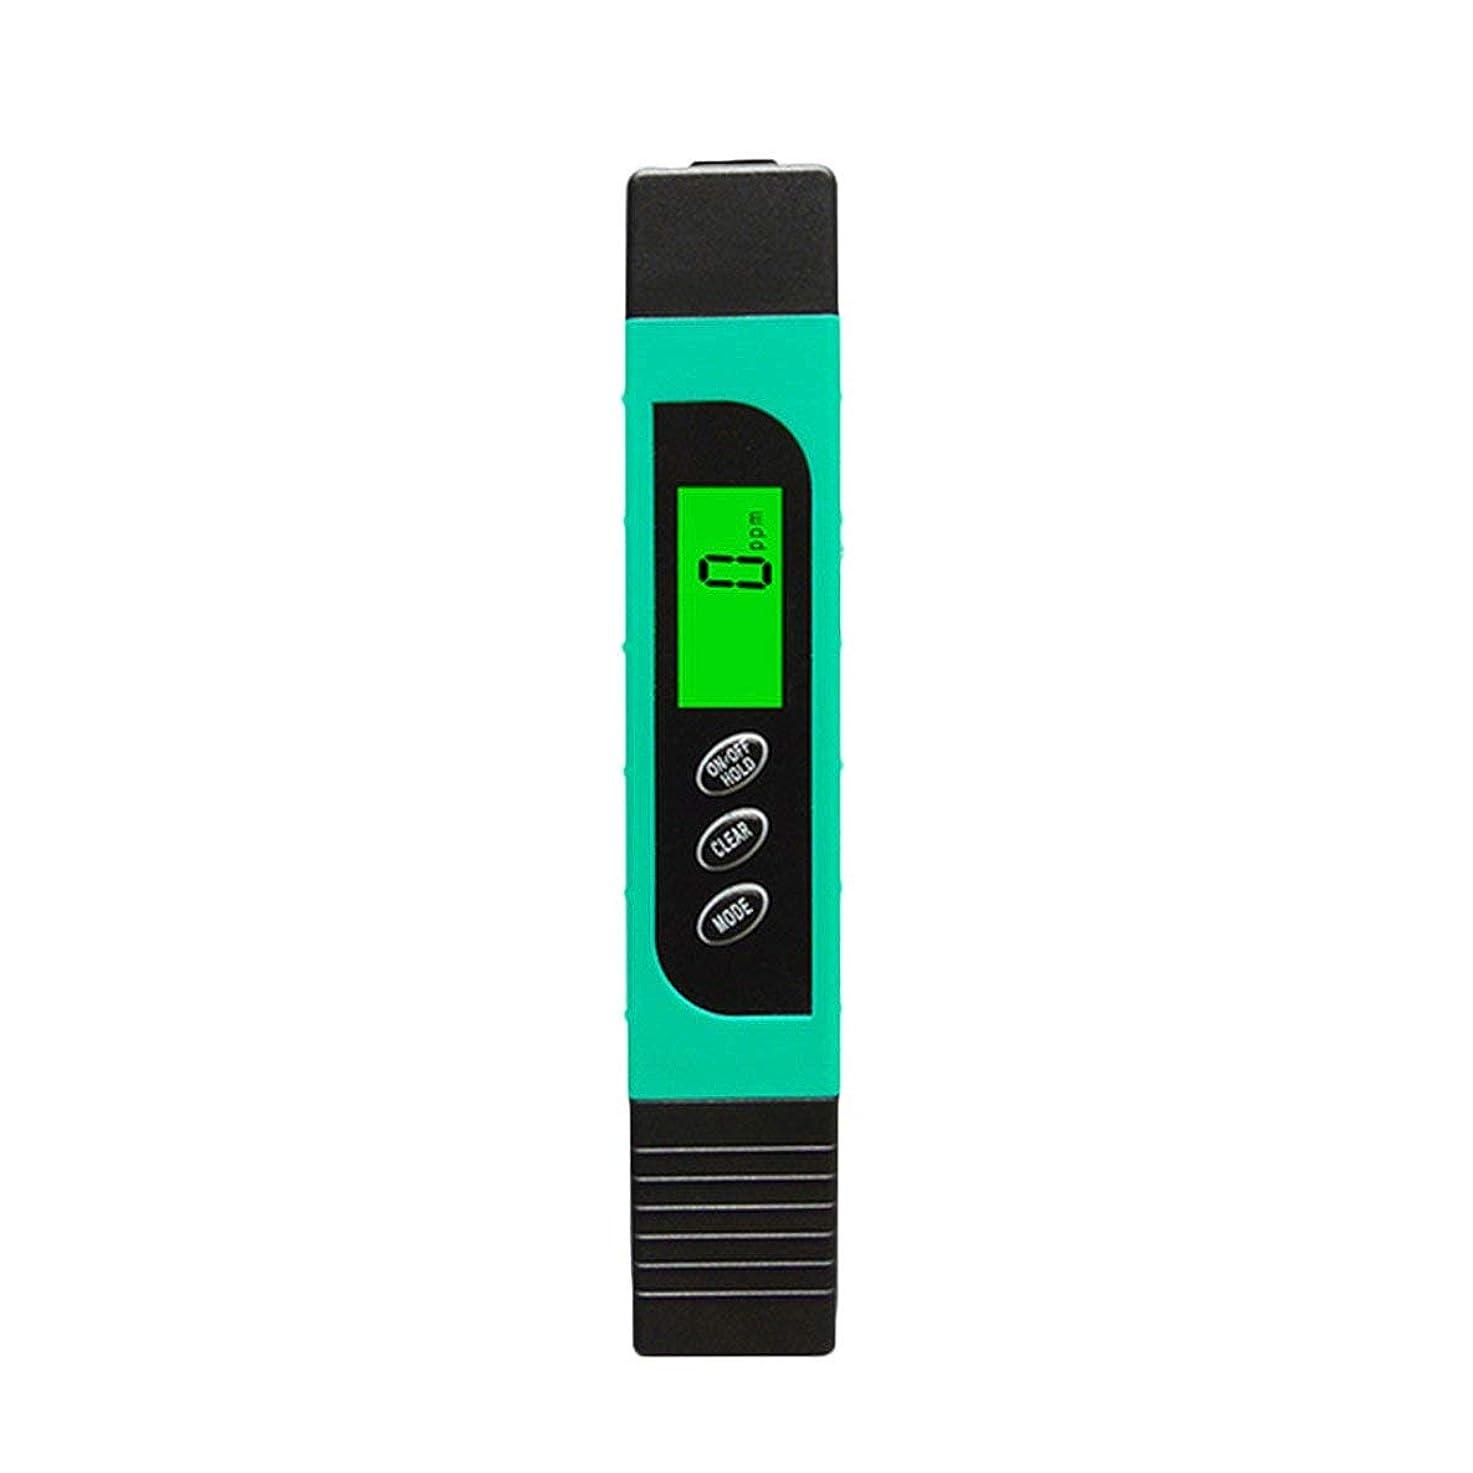 お尻ヘルパースキャンダル多機能TDSメーターテスターポータブルデジタルペン0.01高精度フィルター測定水質純度テストツール - ブルー